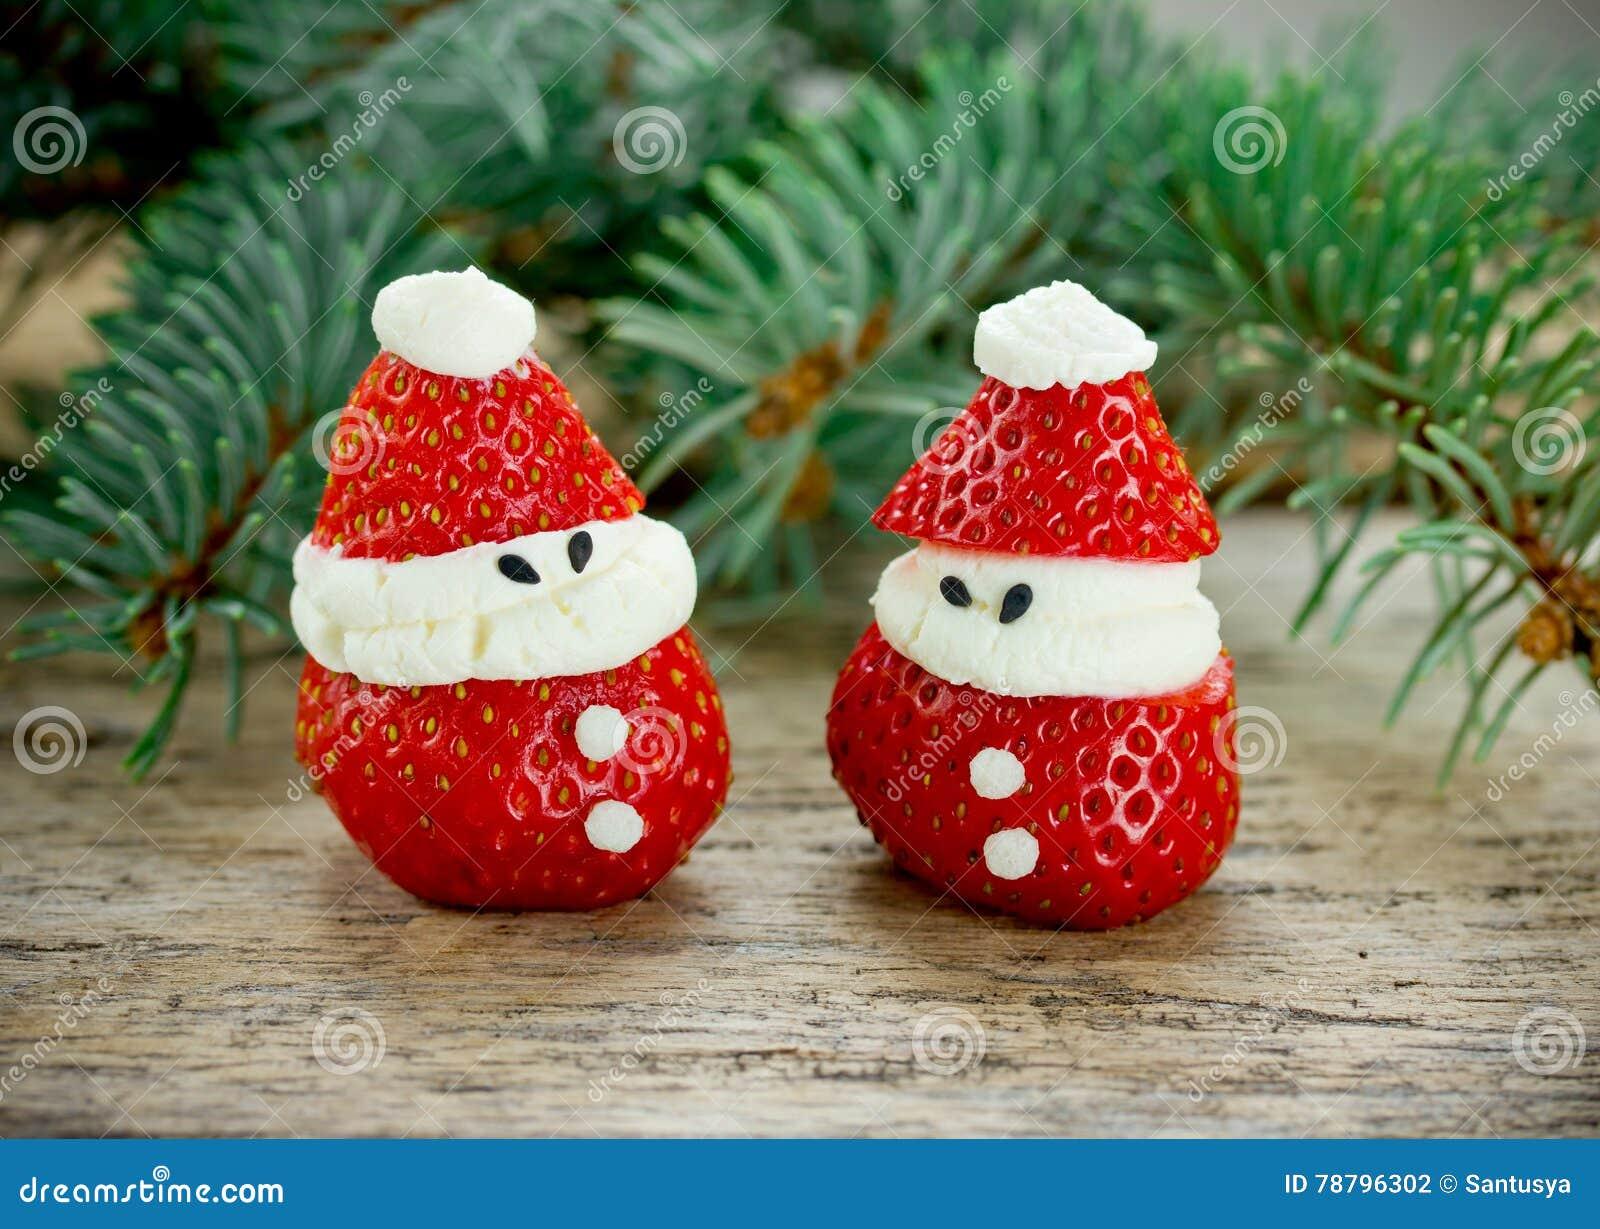 Idee Creative Per Bambini : Idee creative per i regali commestibili per i bambini fragola di